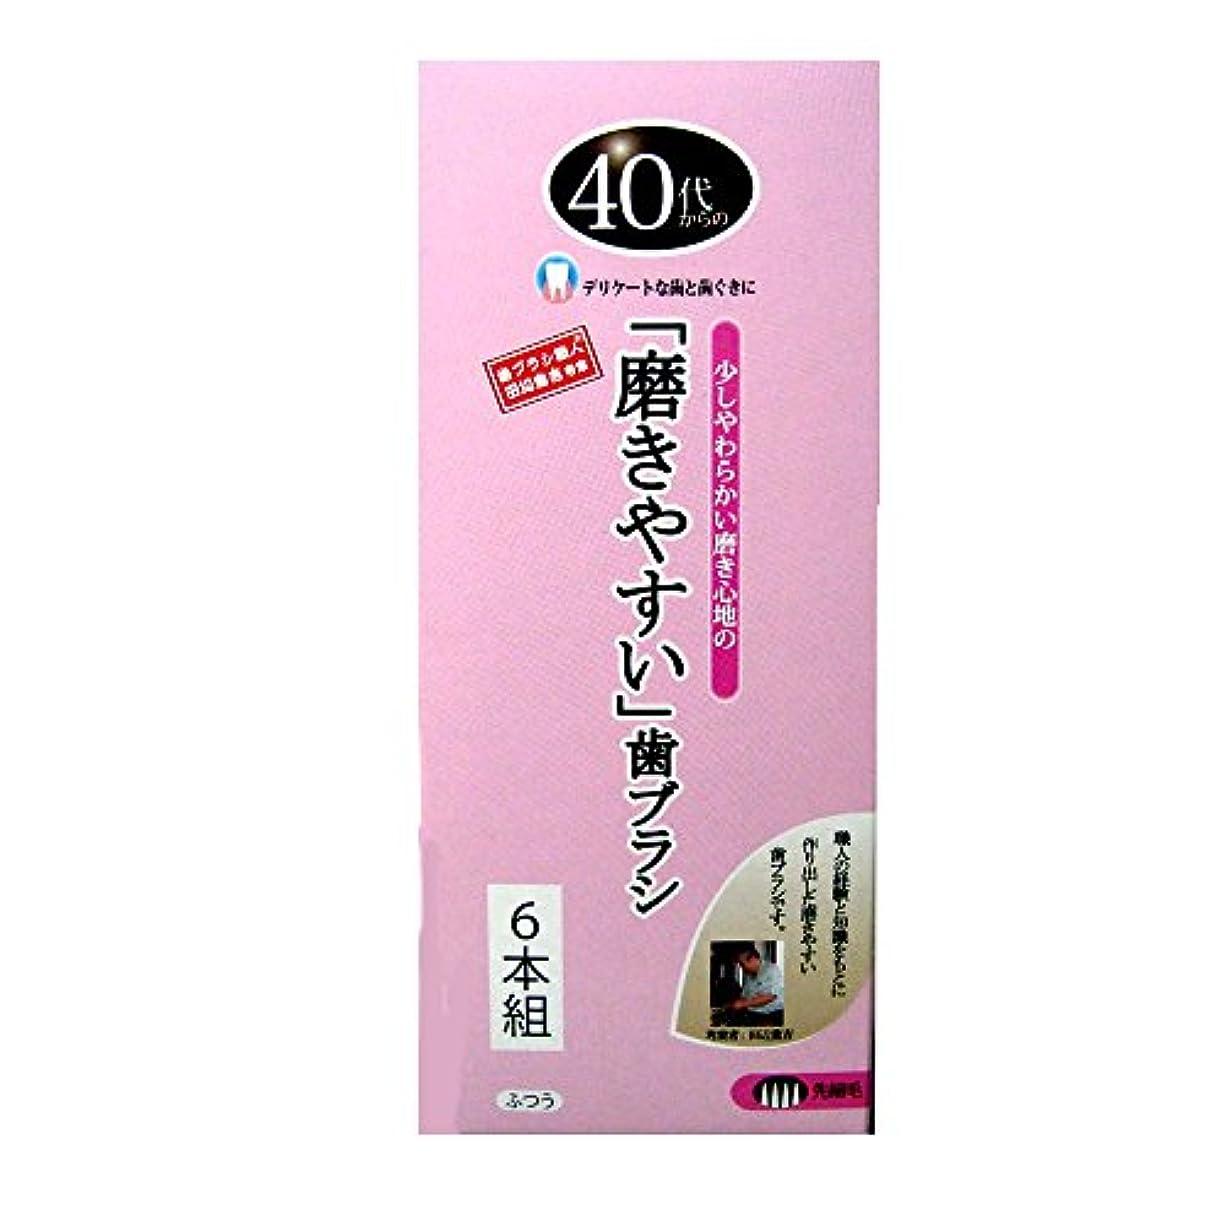 ホイッスルブラインド毎回ライフレンジ 磨きやすい歯ブラシ 40代から ふつう LT-115 6本組 4560292169909